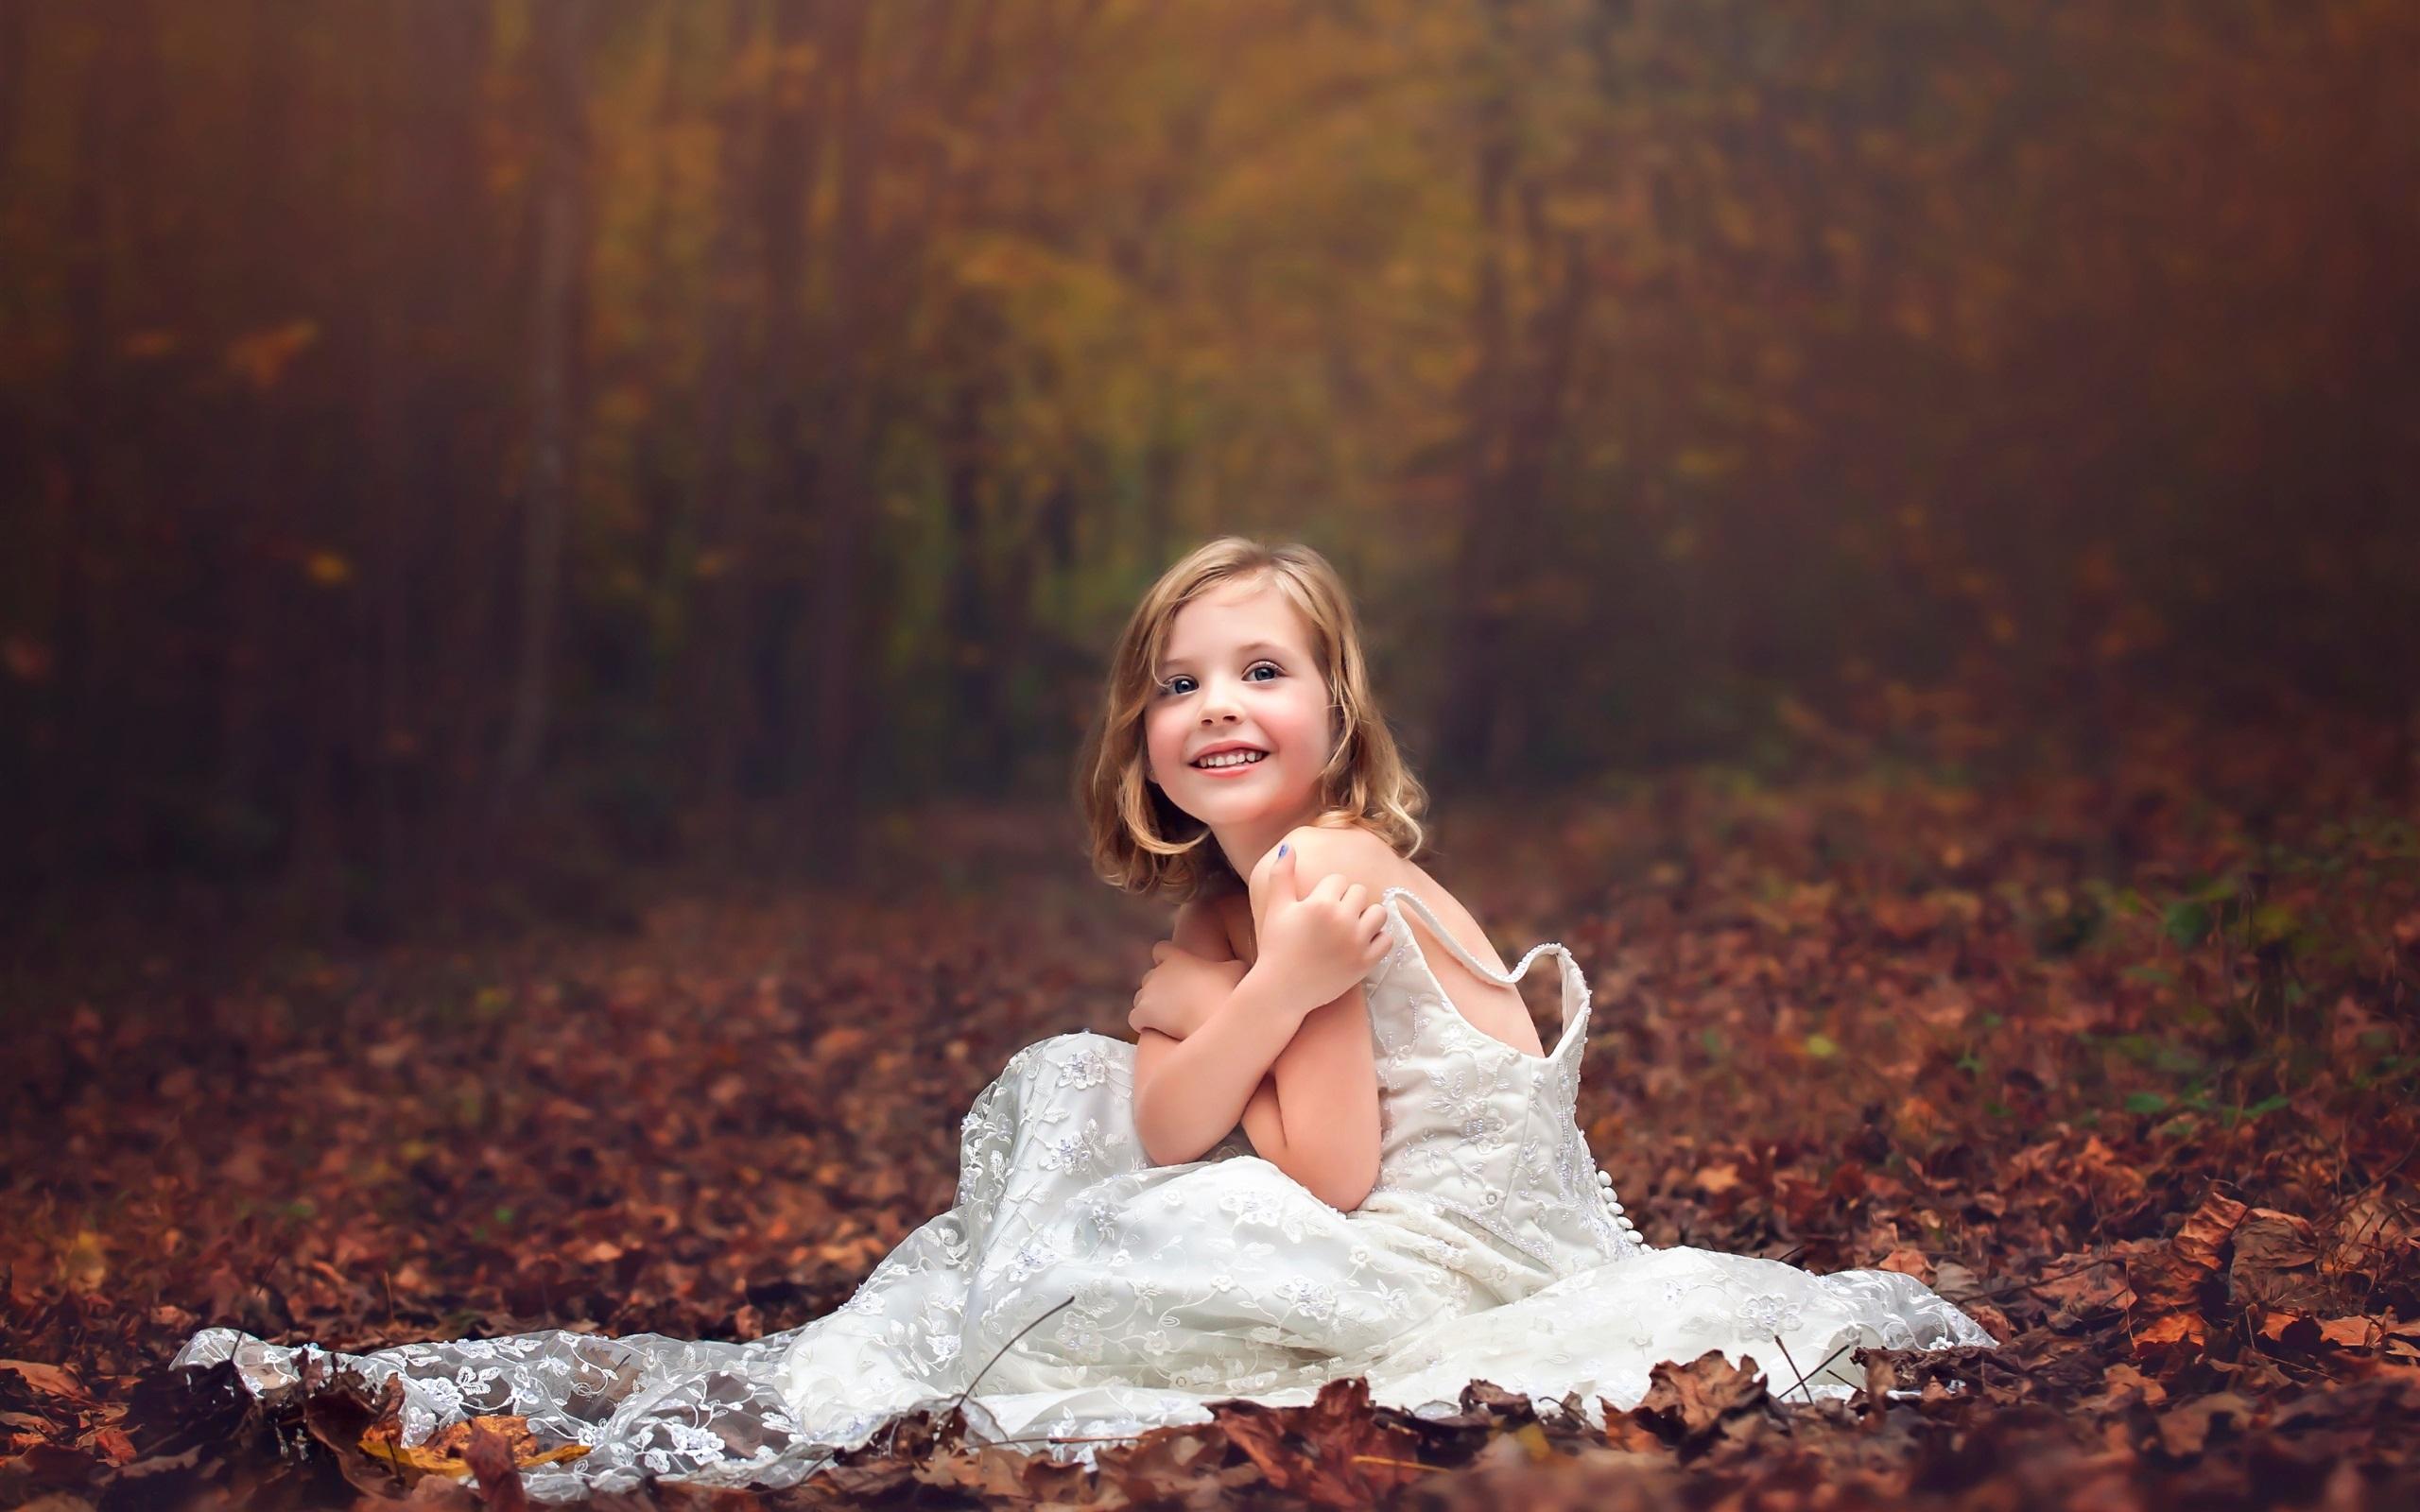 Wedding Dress Little Girl, Forest, Autumn Wallpaper